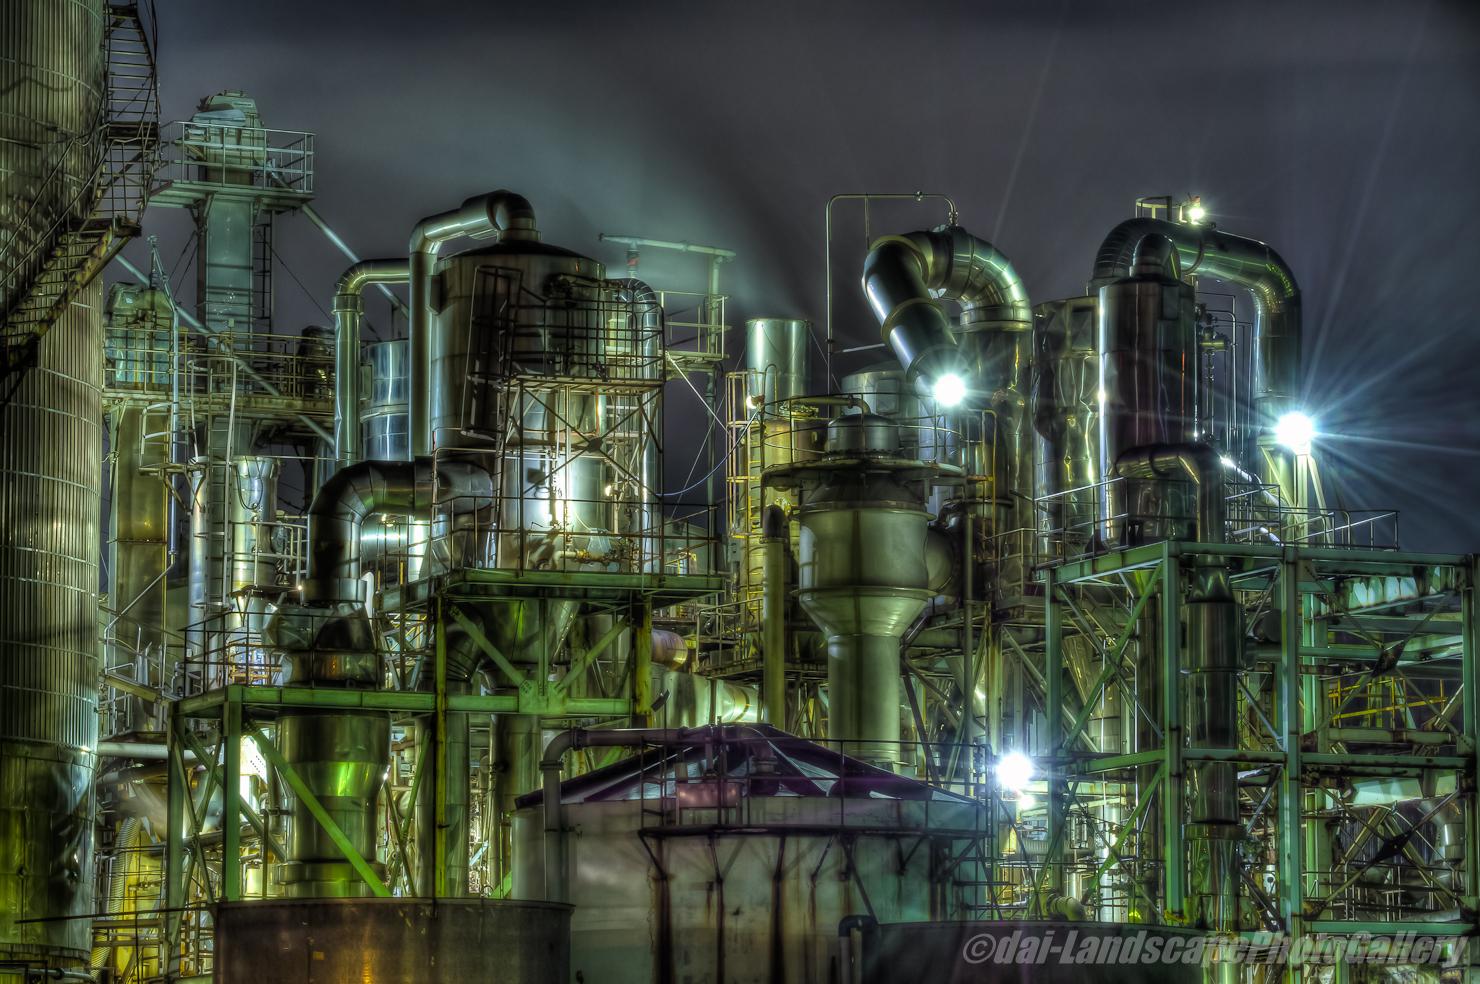 日本精塩 工場夜景【HDRi】